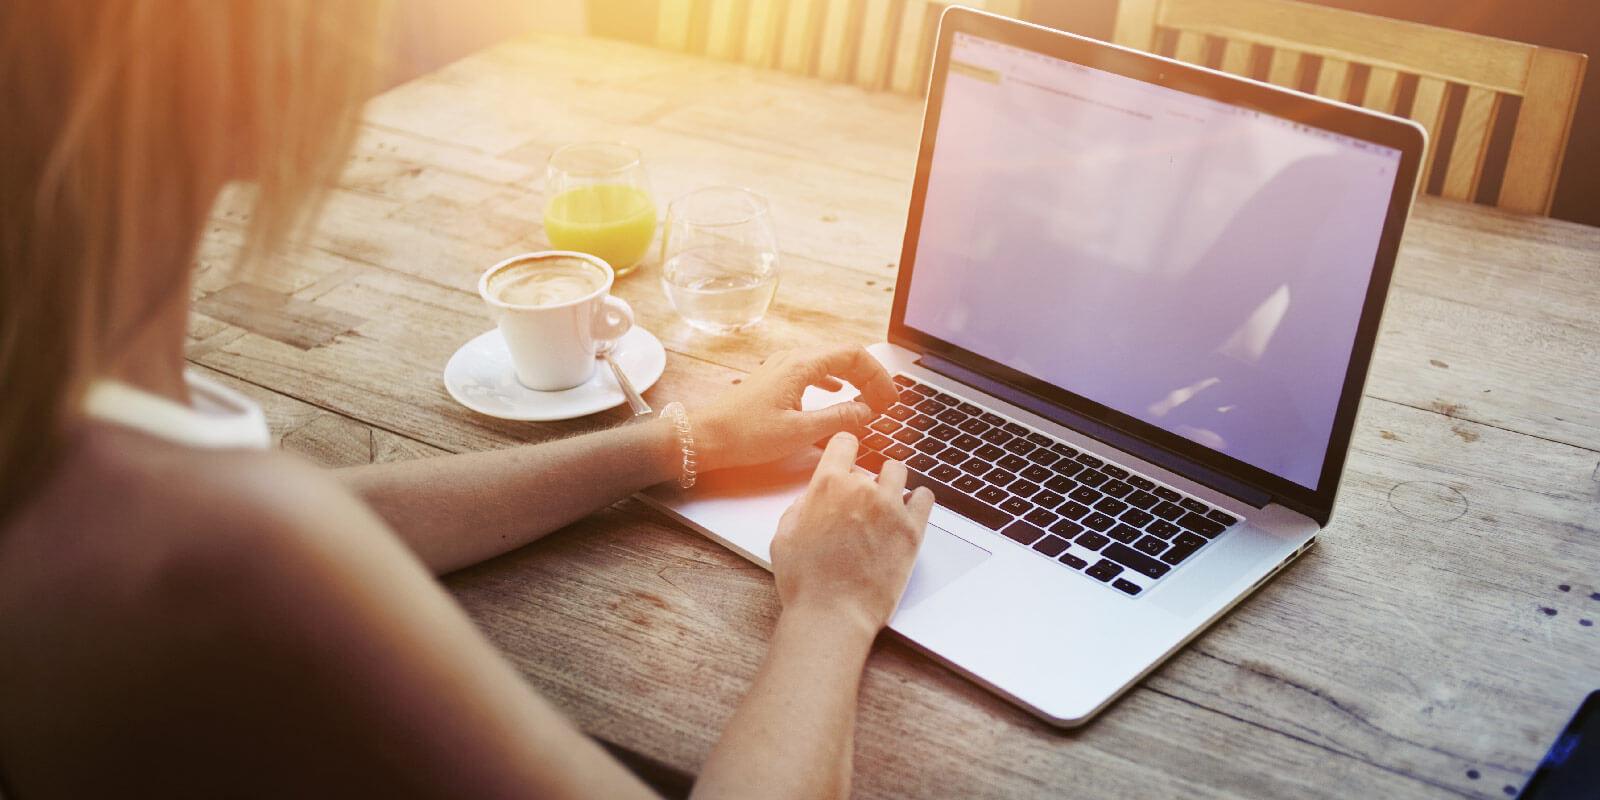 Startseite · Magazin · Bewerbung; Praktikum. Eine Praktikumsbewerbung wird  am Laptop erstellt